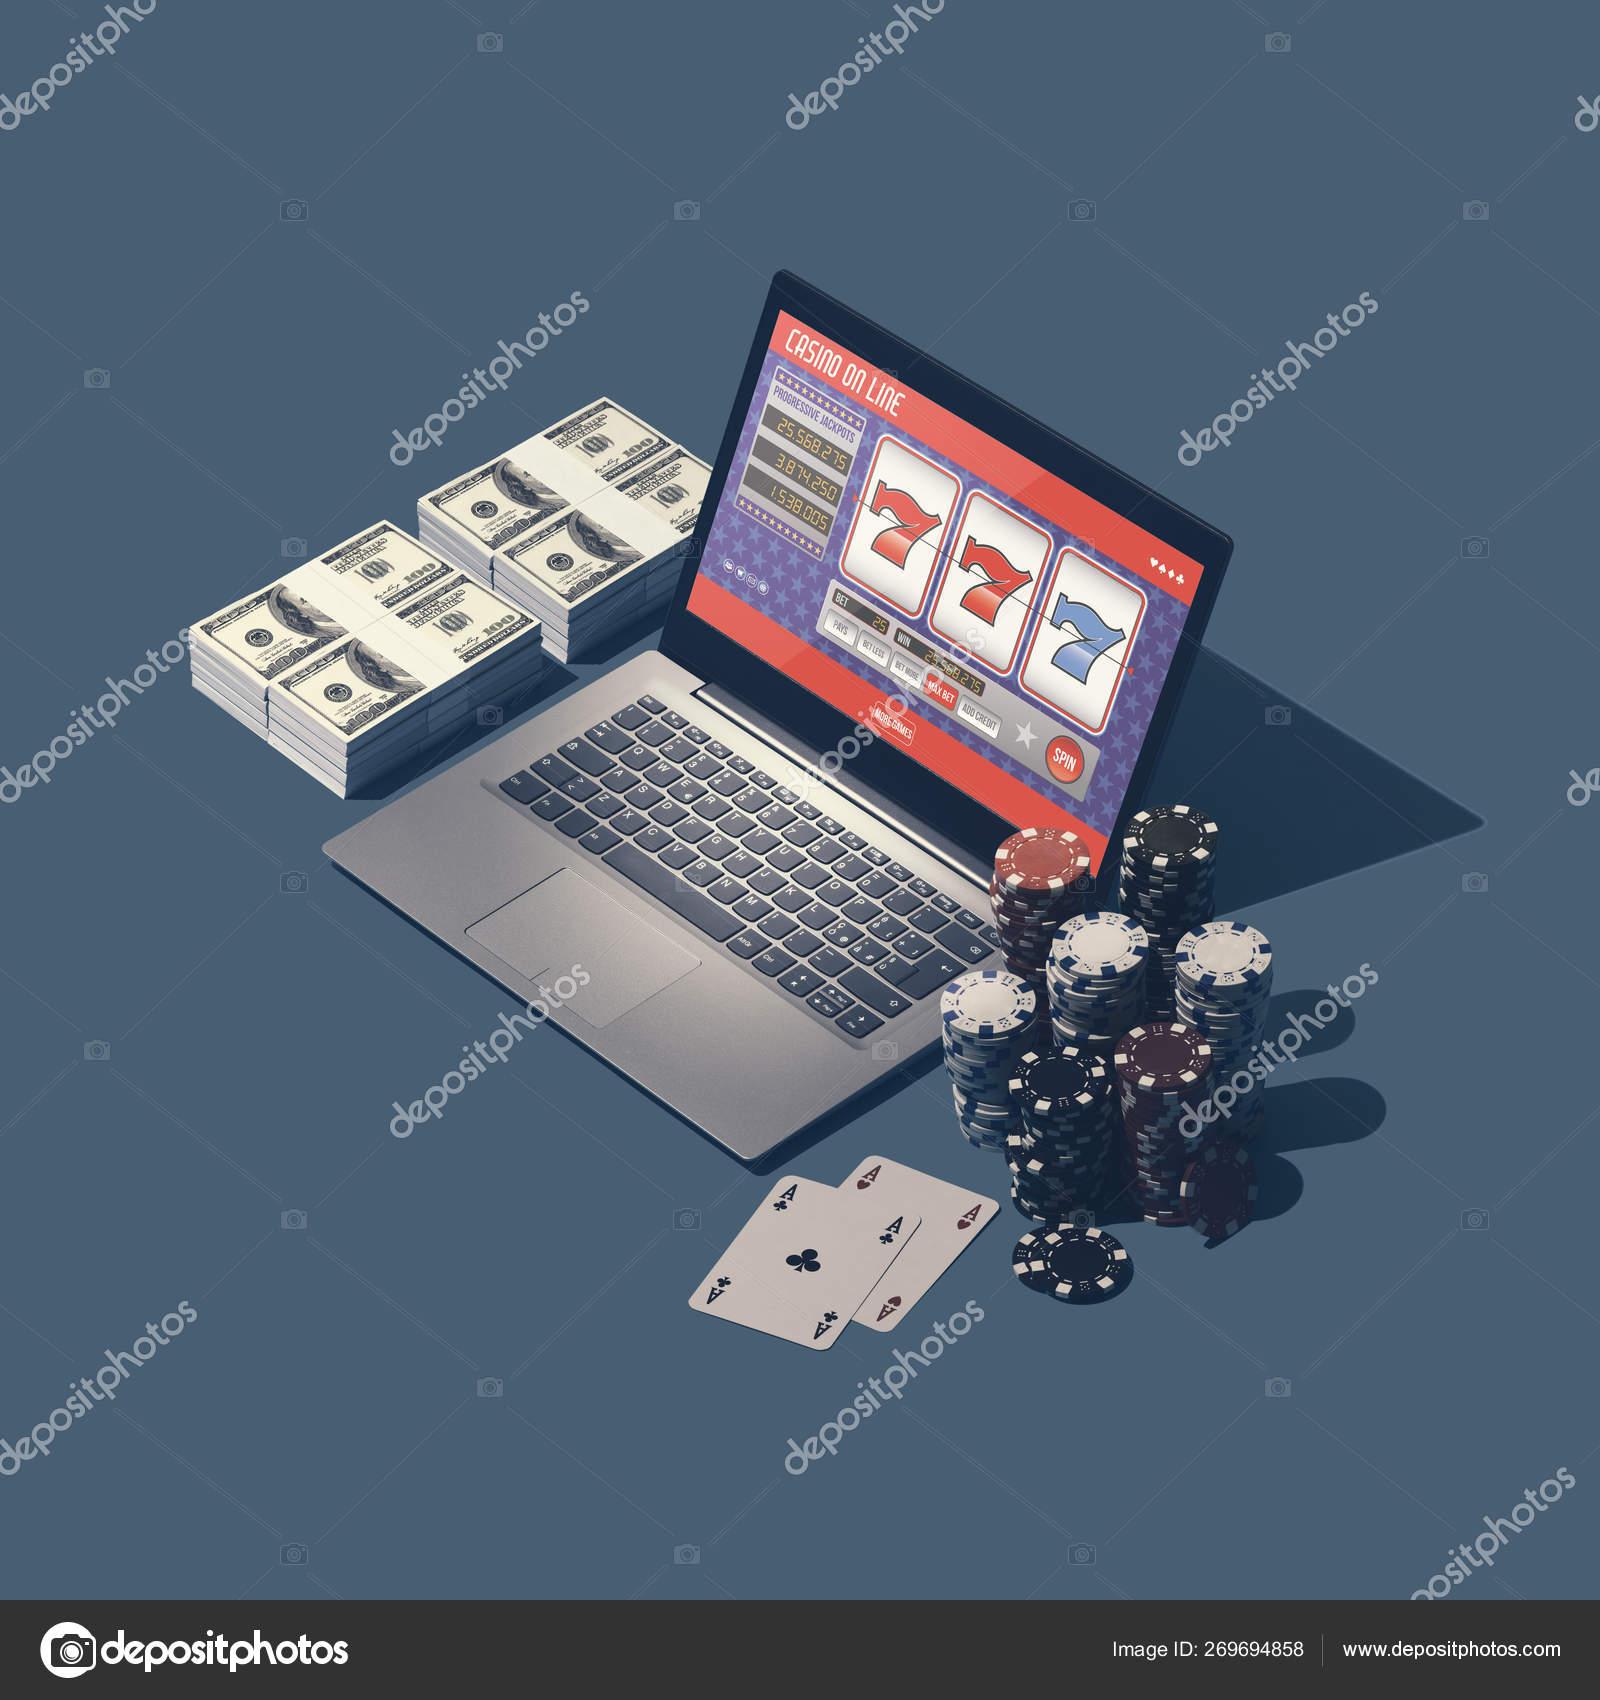 Белорусские казино онлайн чат рулетка онлайн бесплатно по всему миру